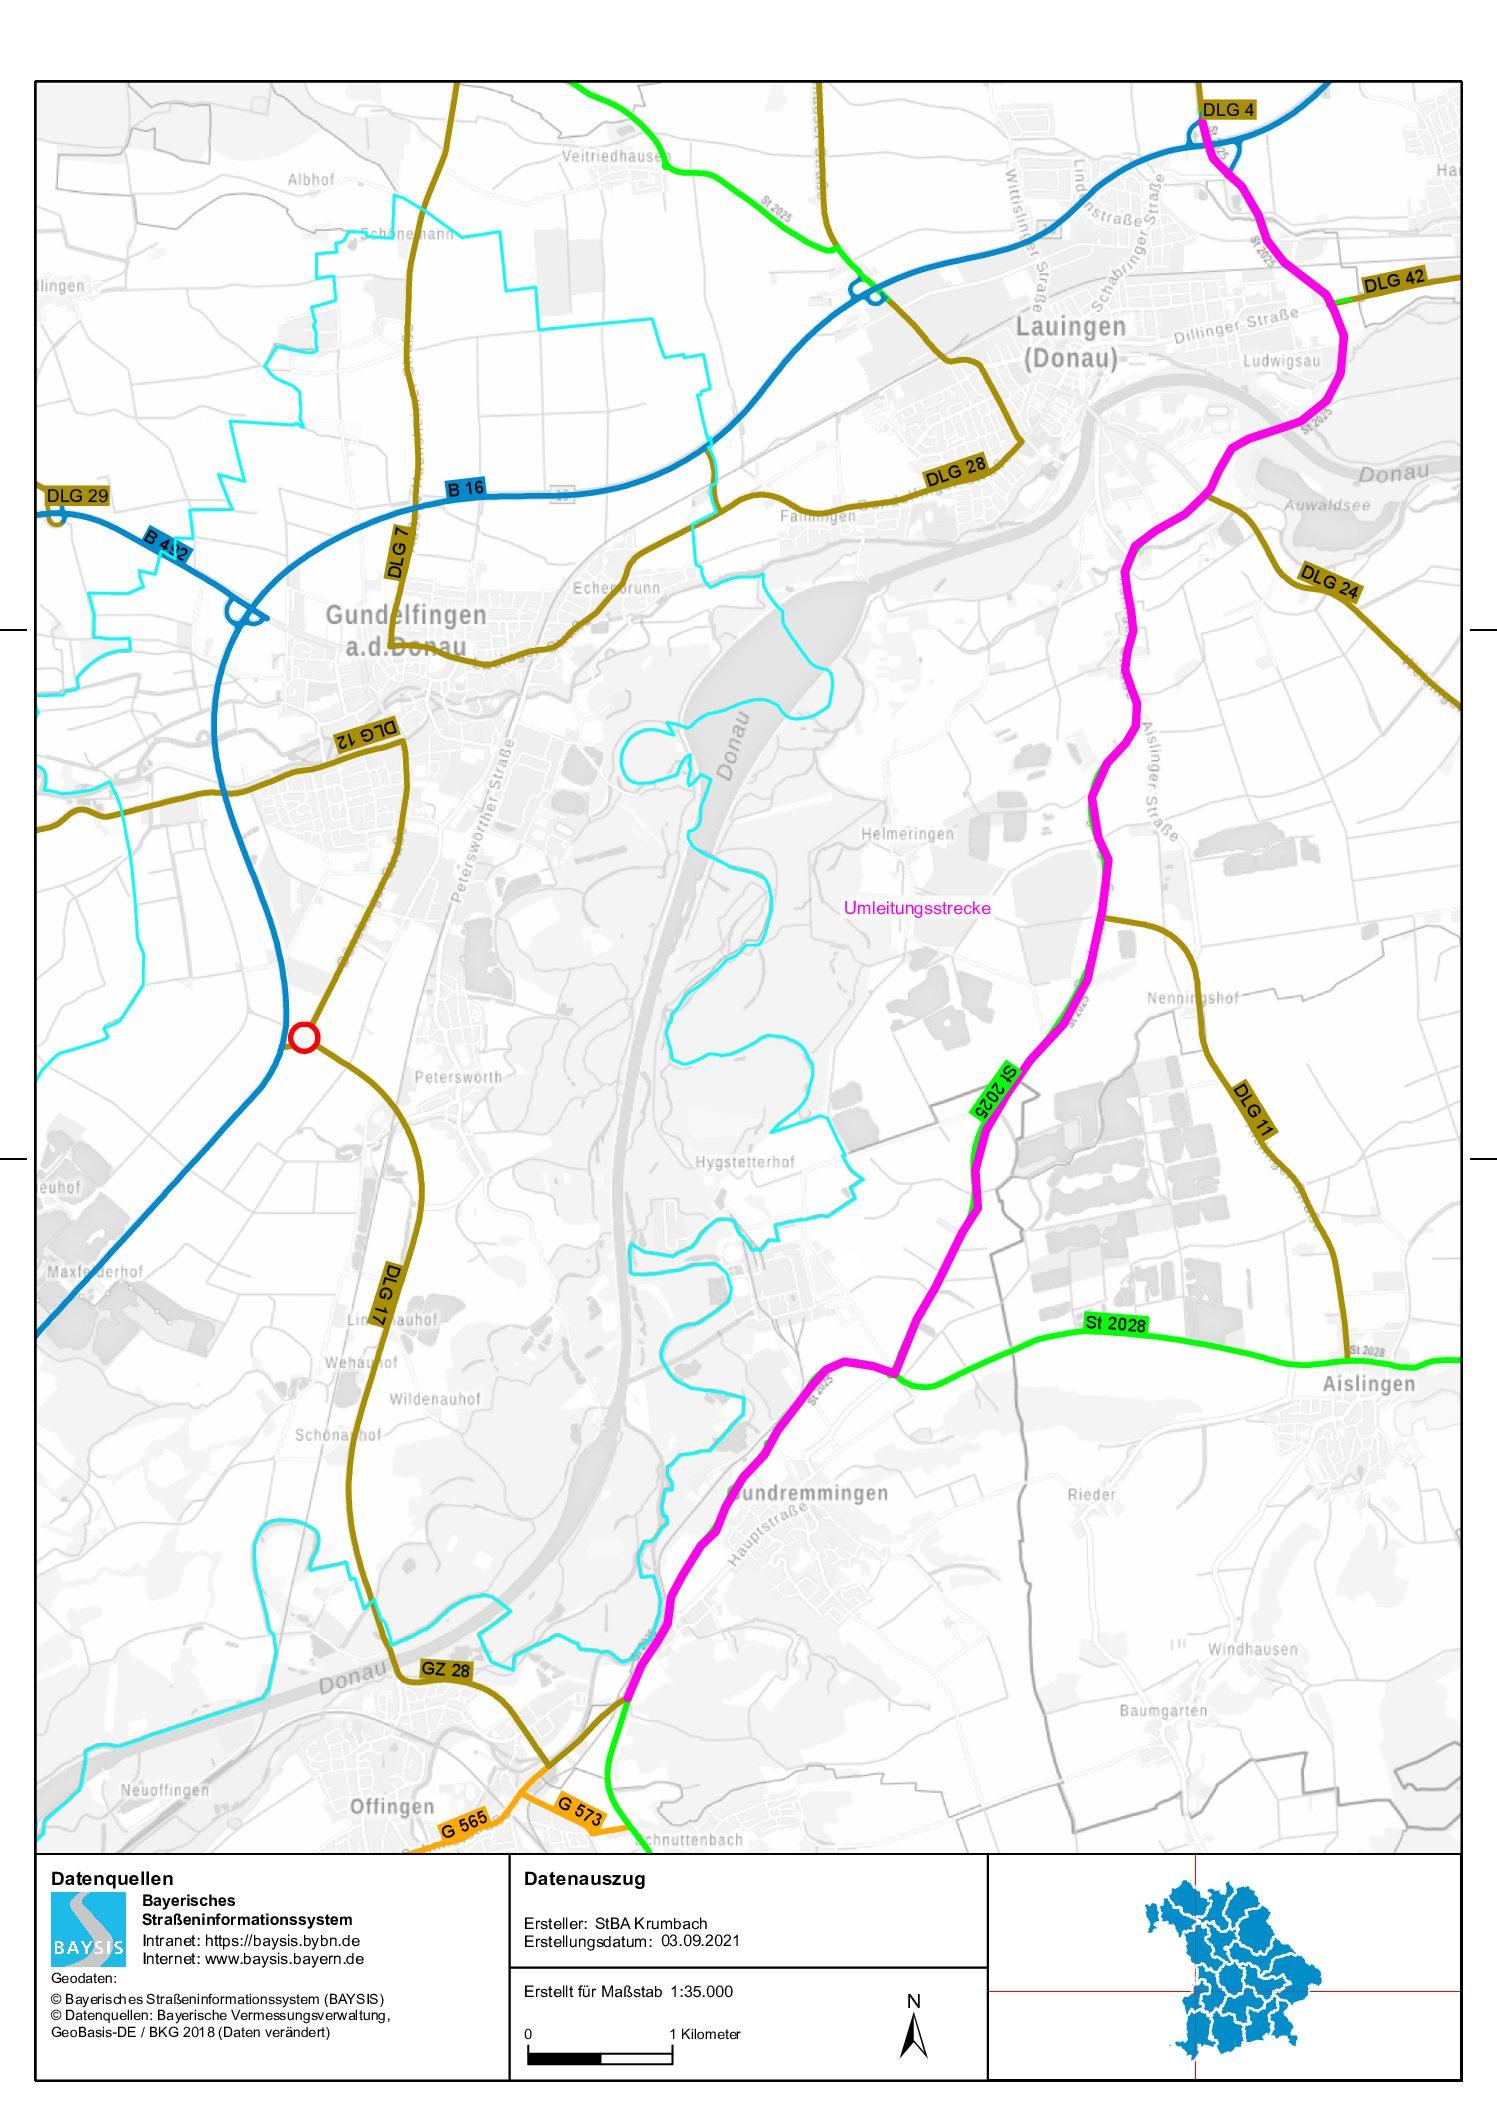 Ausbau B 16, Vollsperrung der Anschlussstelle ab dem 08.09.2021